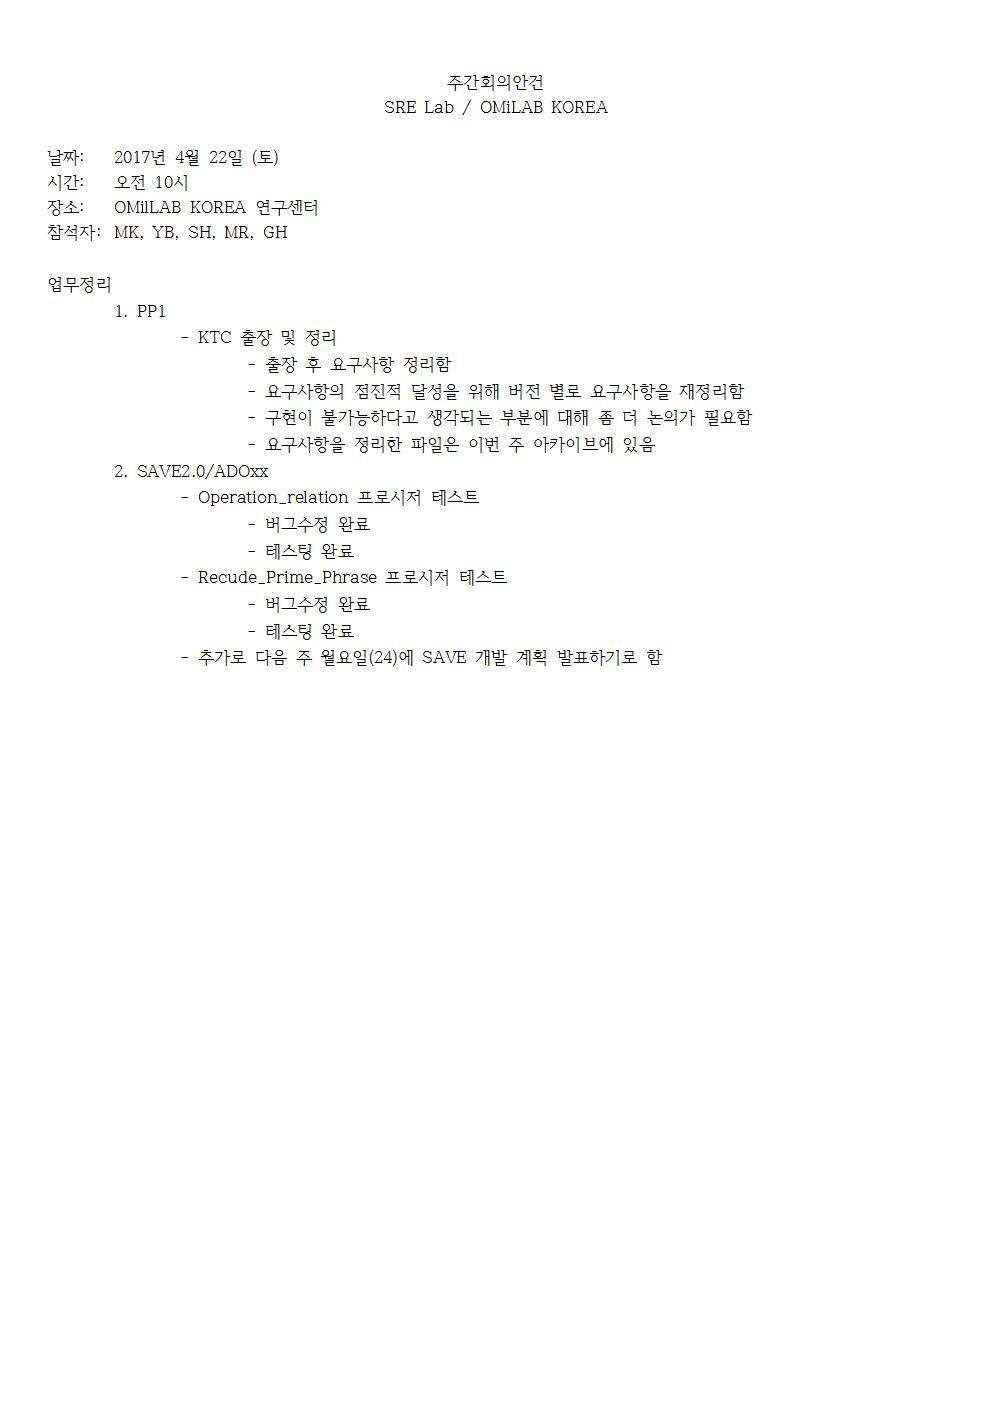 6-토-2017-04-22-PLAN(SH)001.jpg